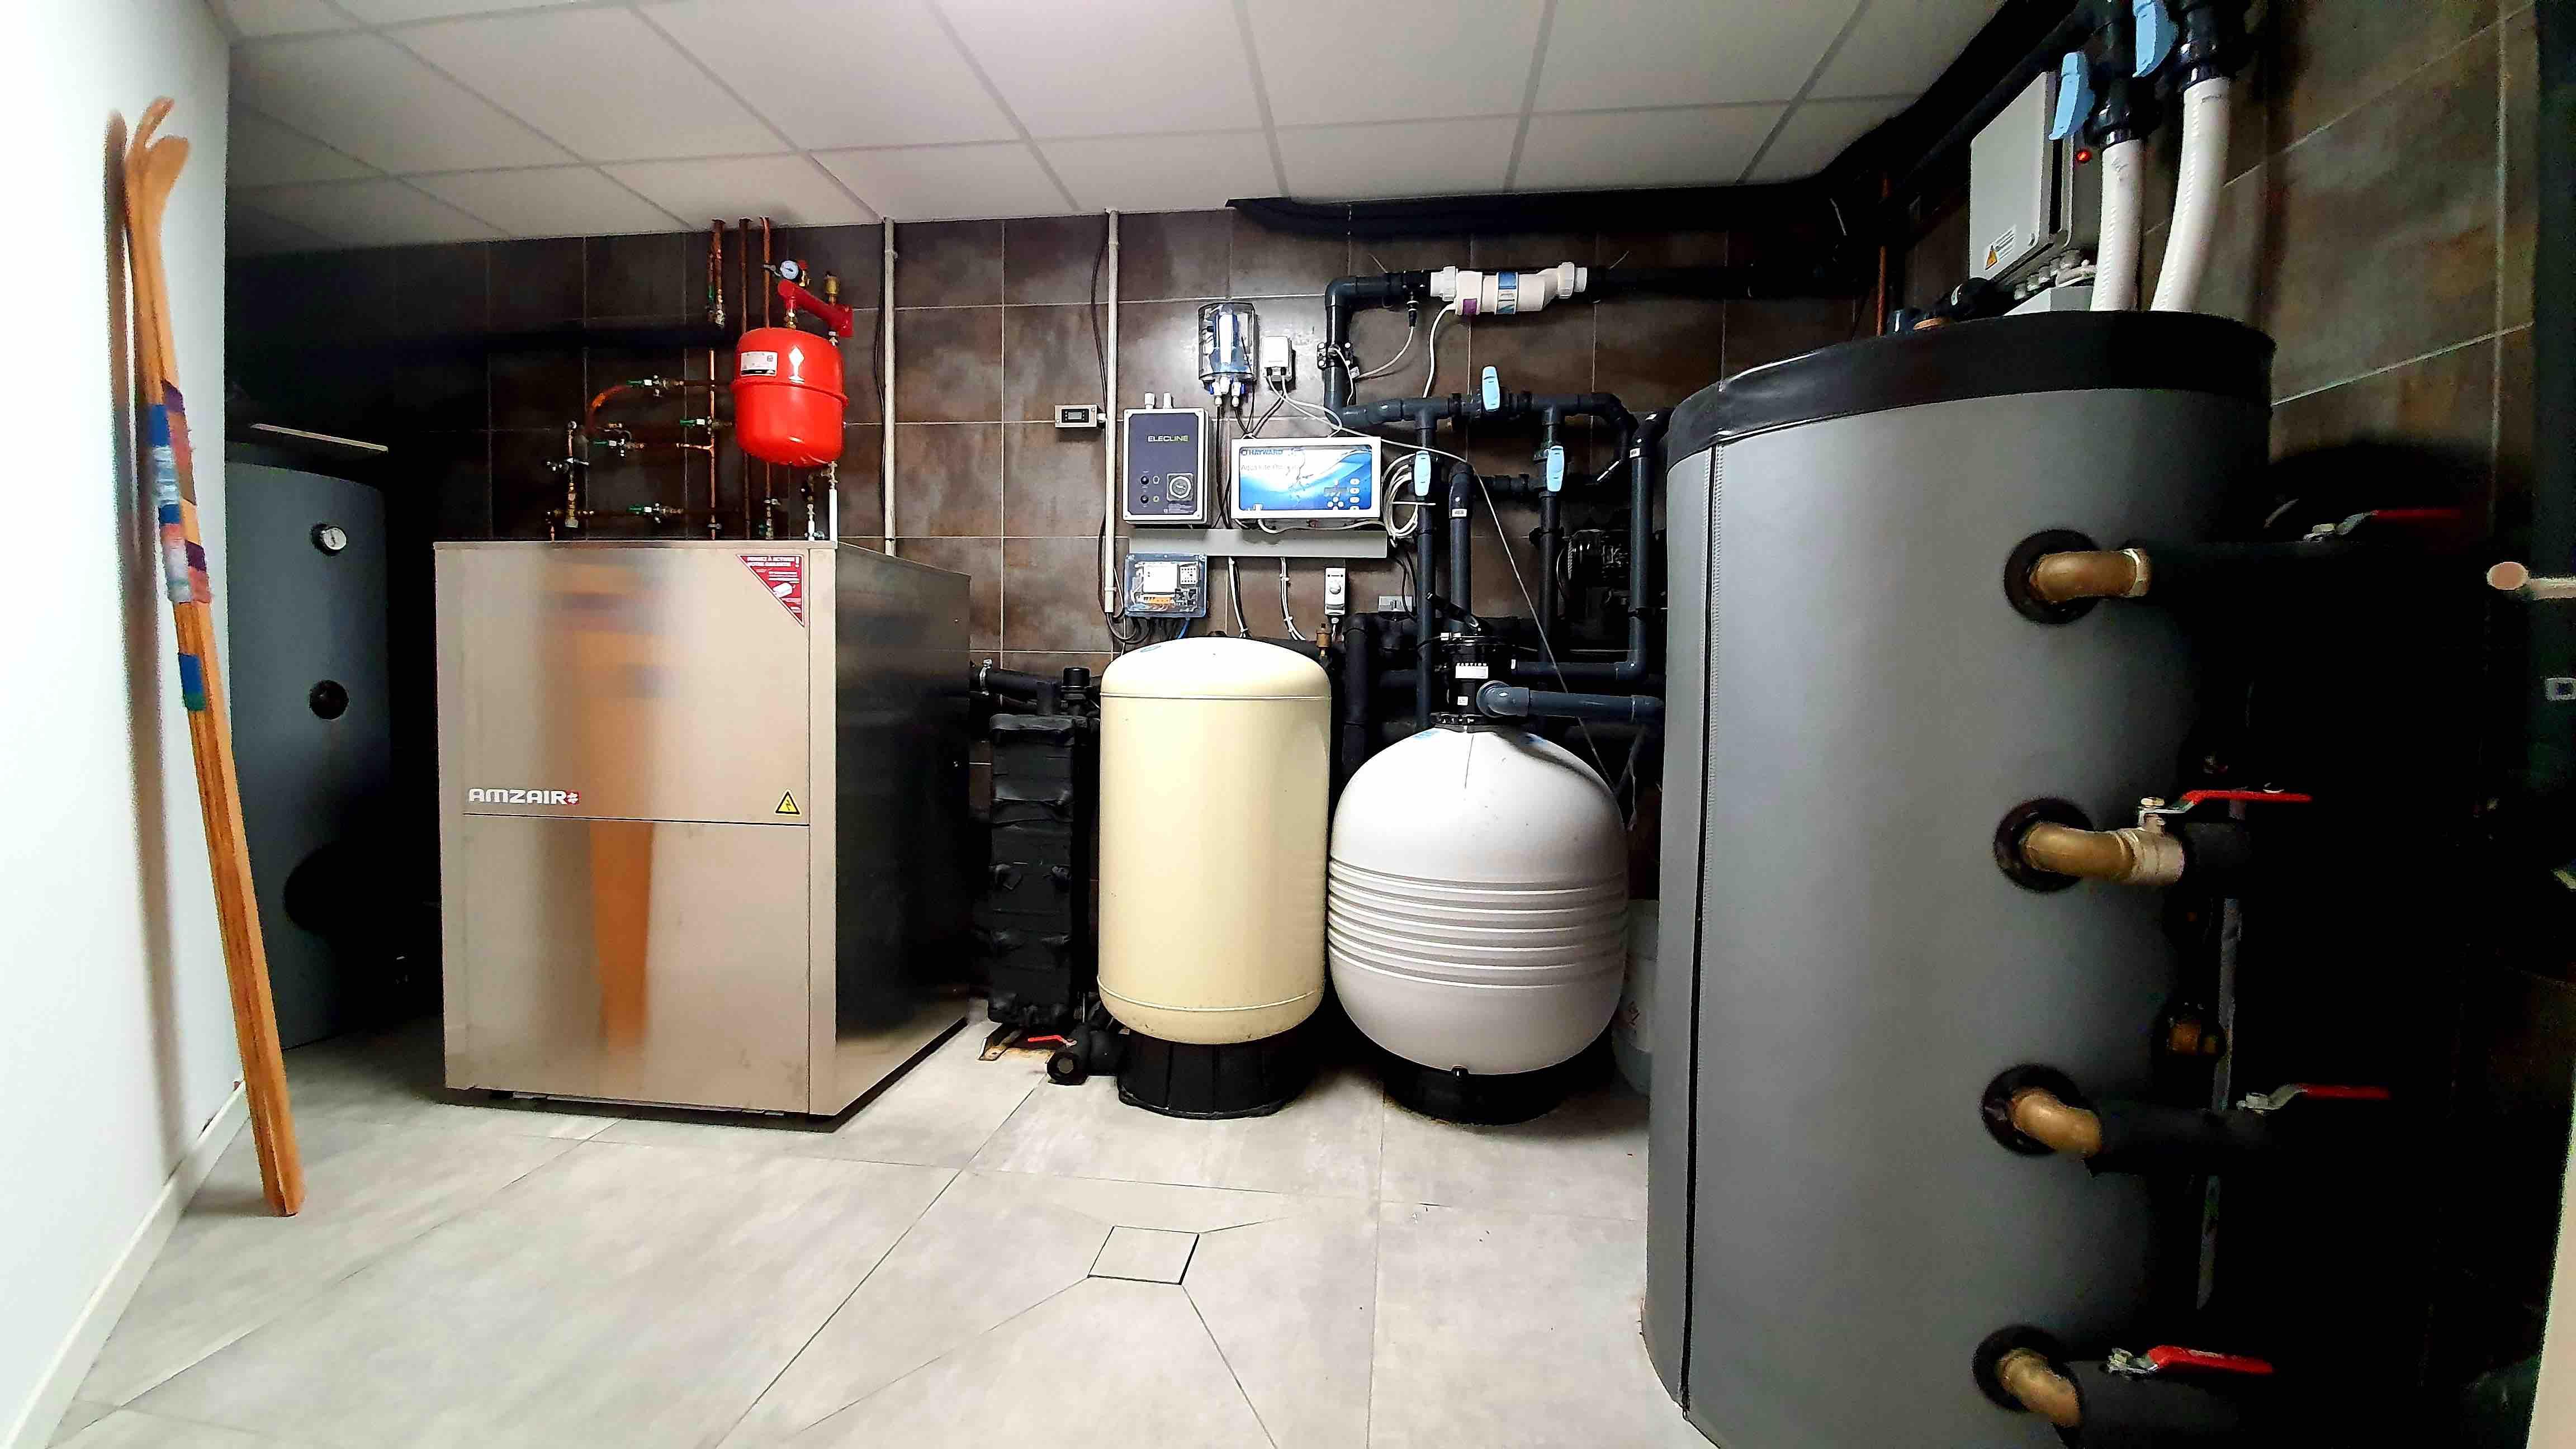 Photo de la chaufferie de l'installation pour le chauffage d'une piscine et le plancher chauffant avec une pompe à chaleur geothermique AMZAIR